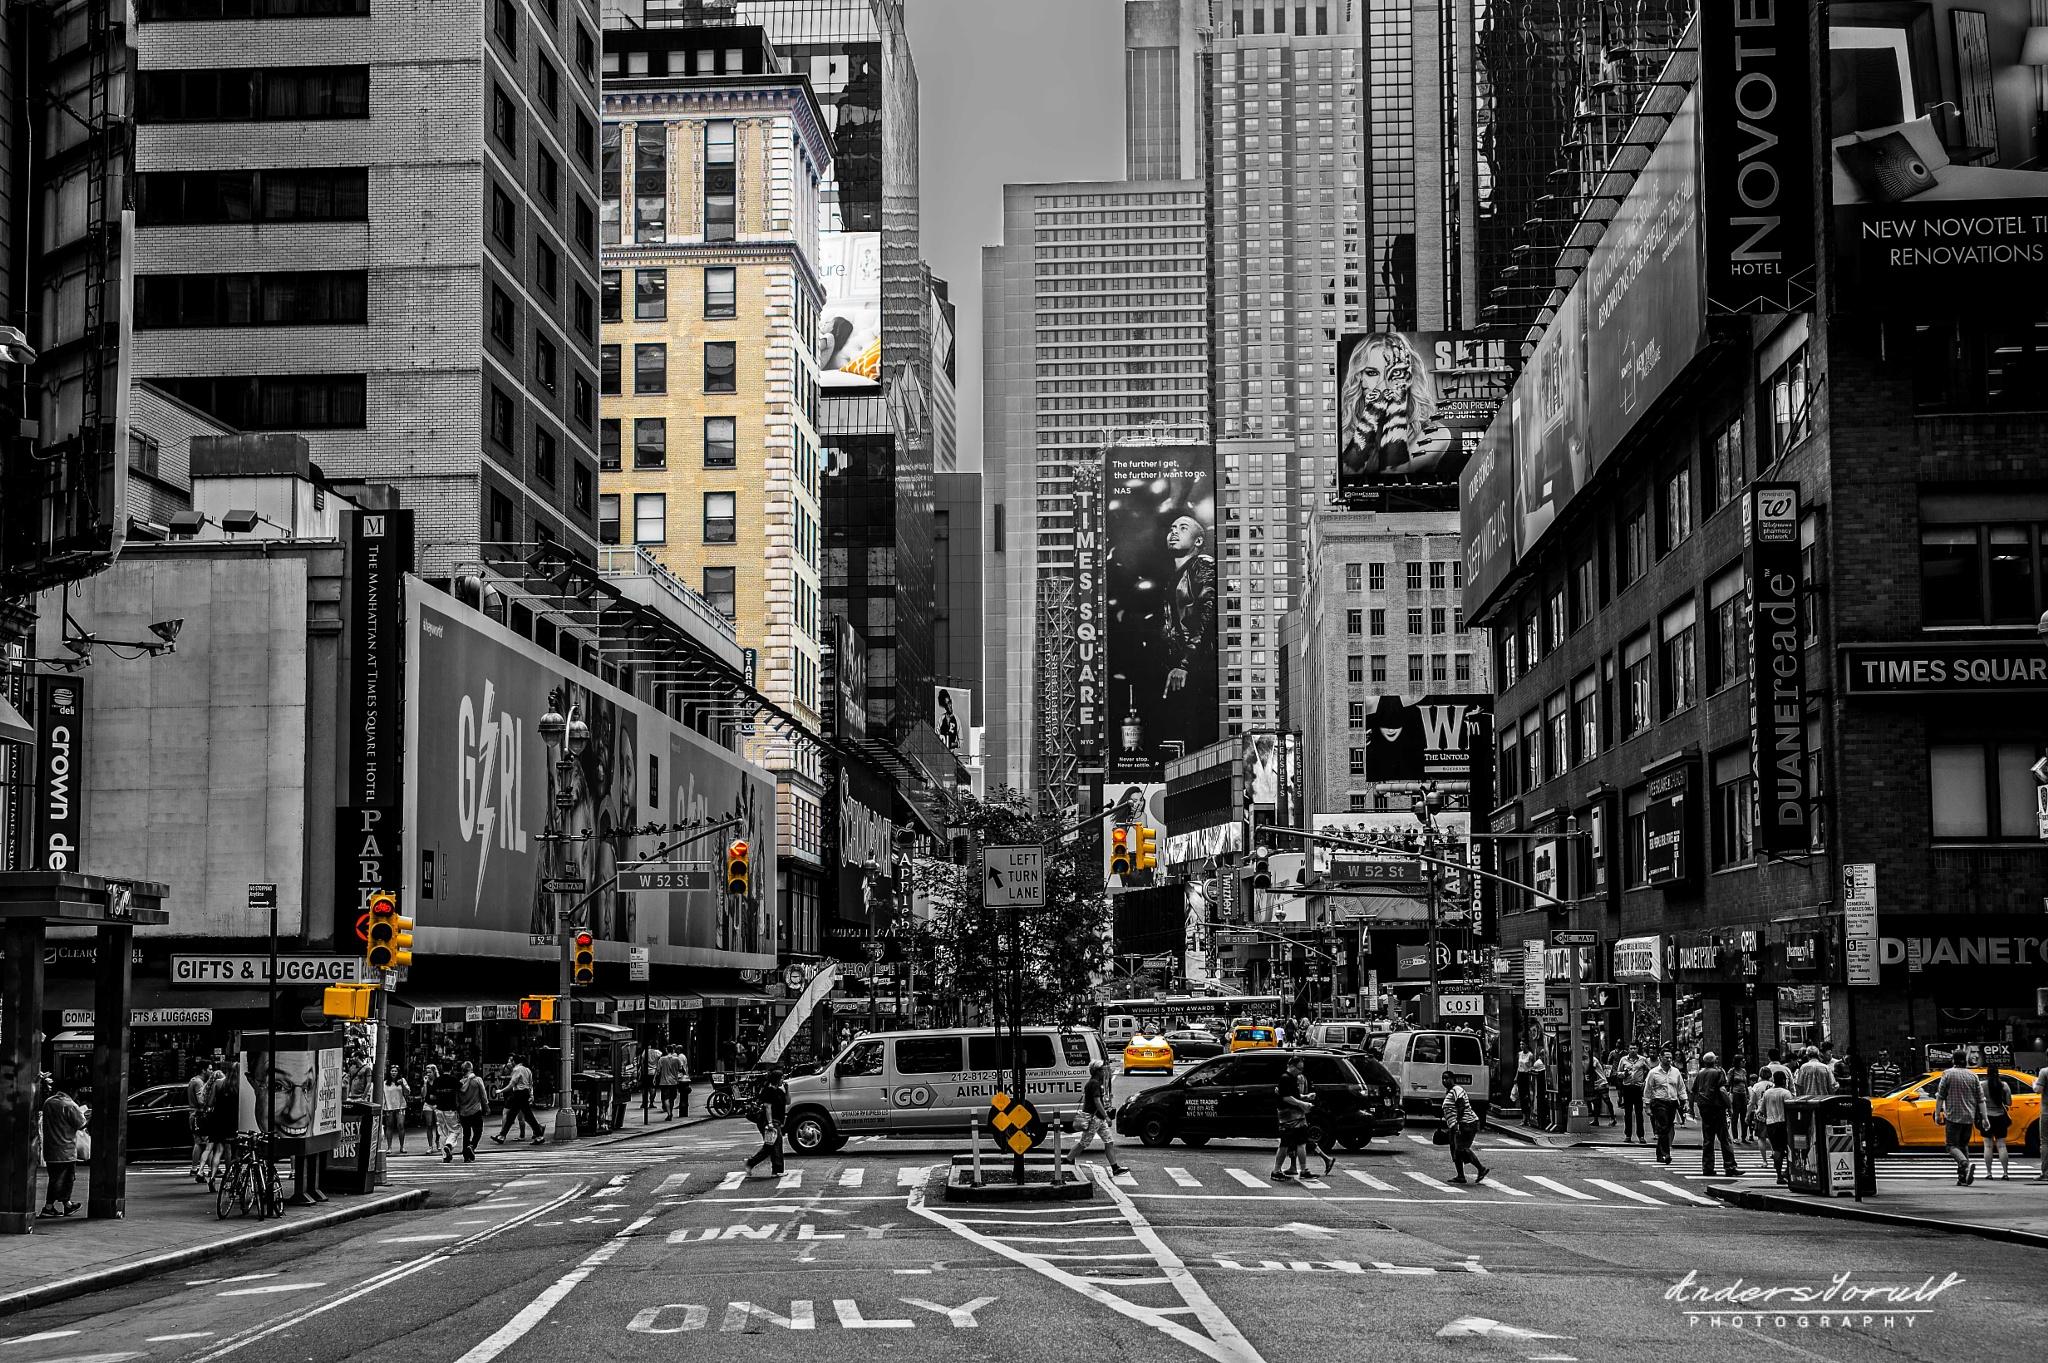 NY - City Life by Anders Jorulf